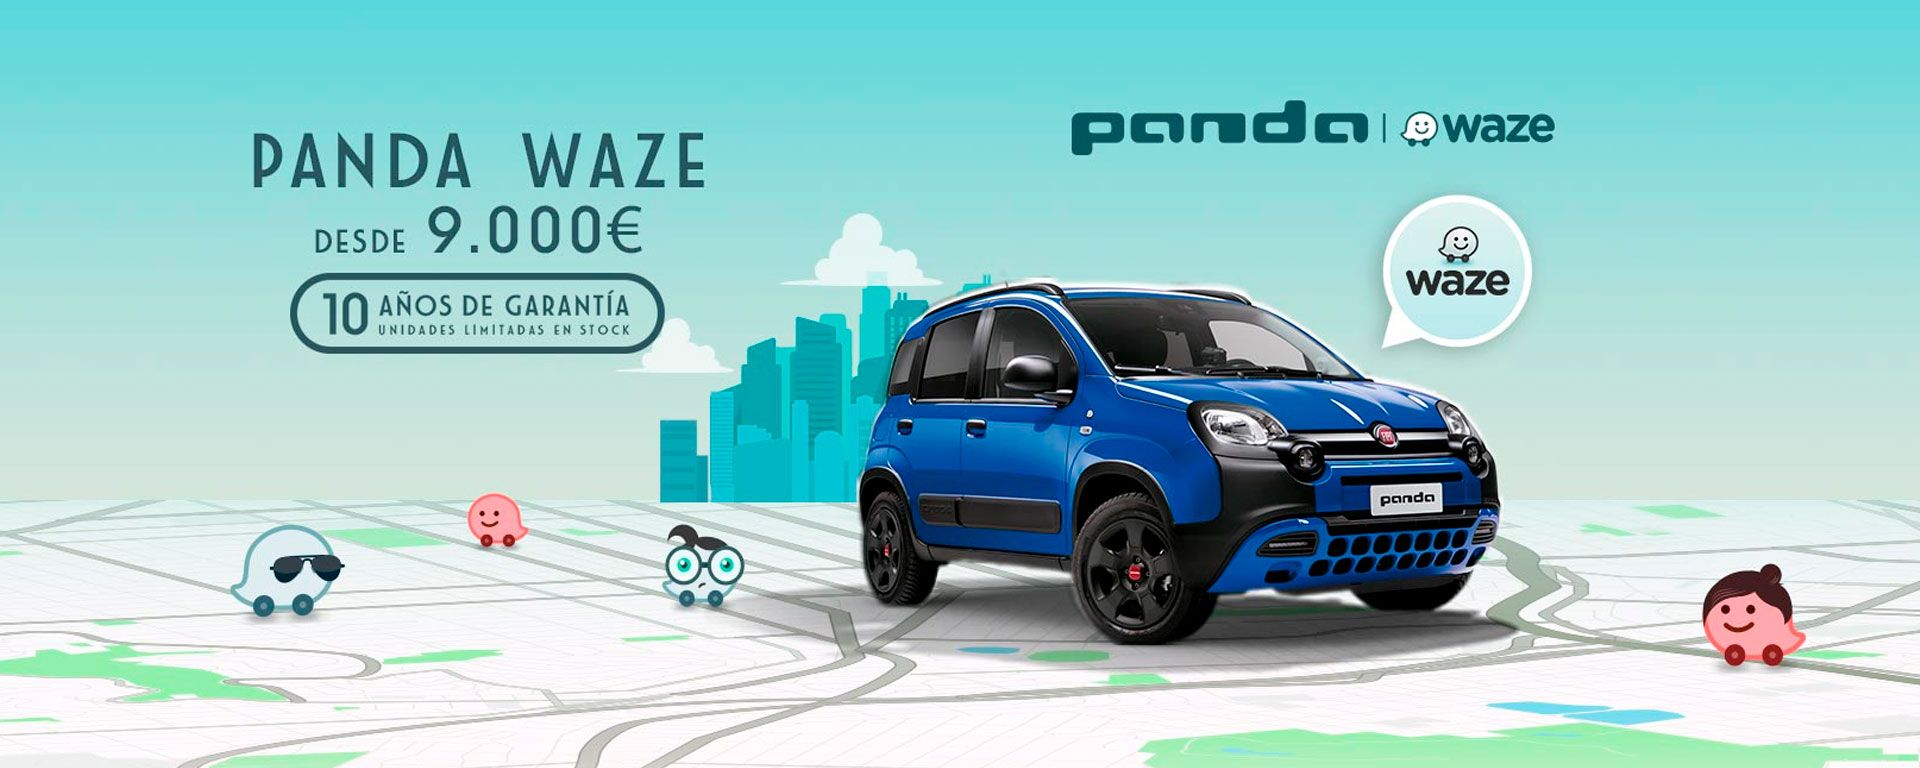 PANDA WAZE.